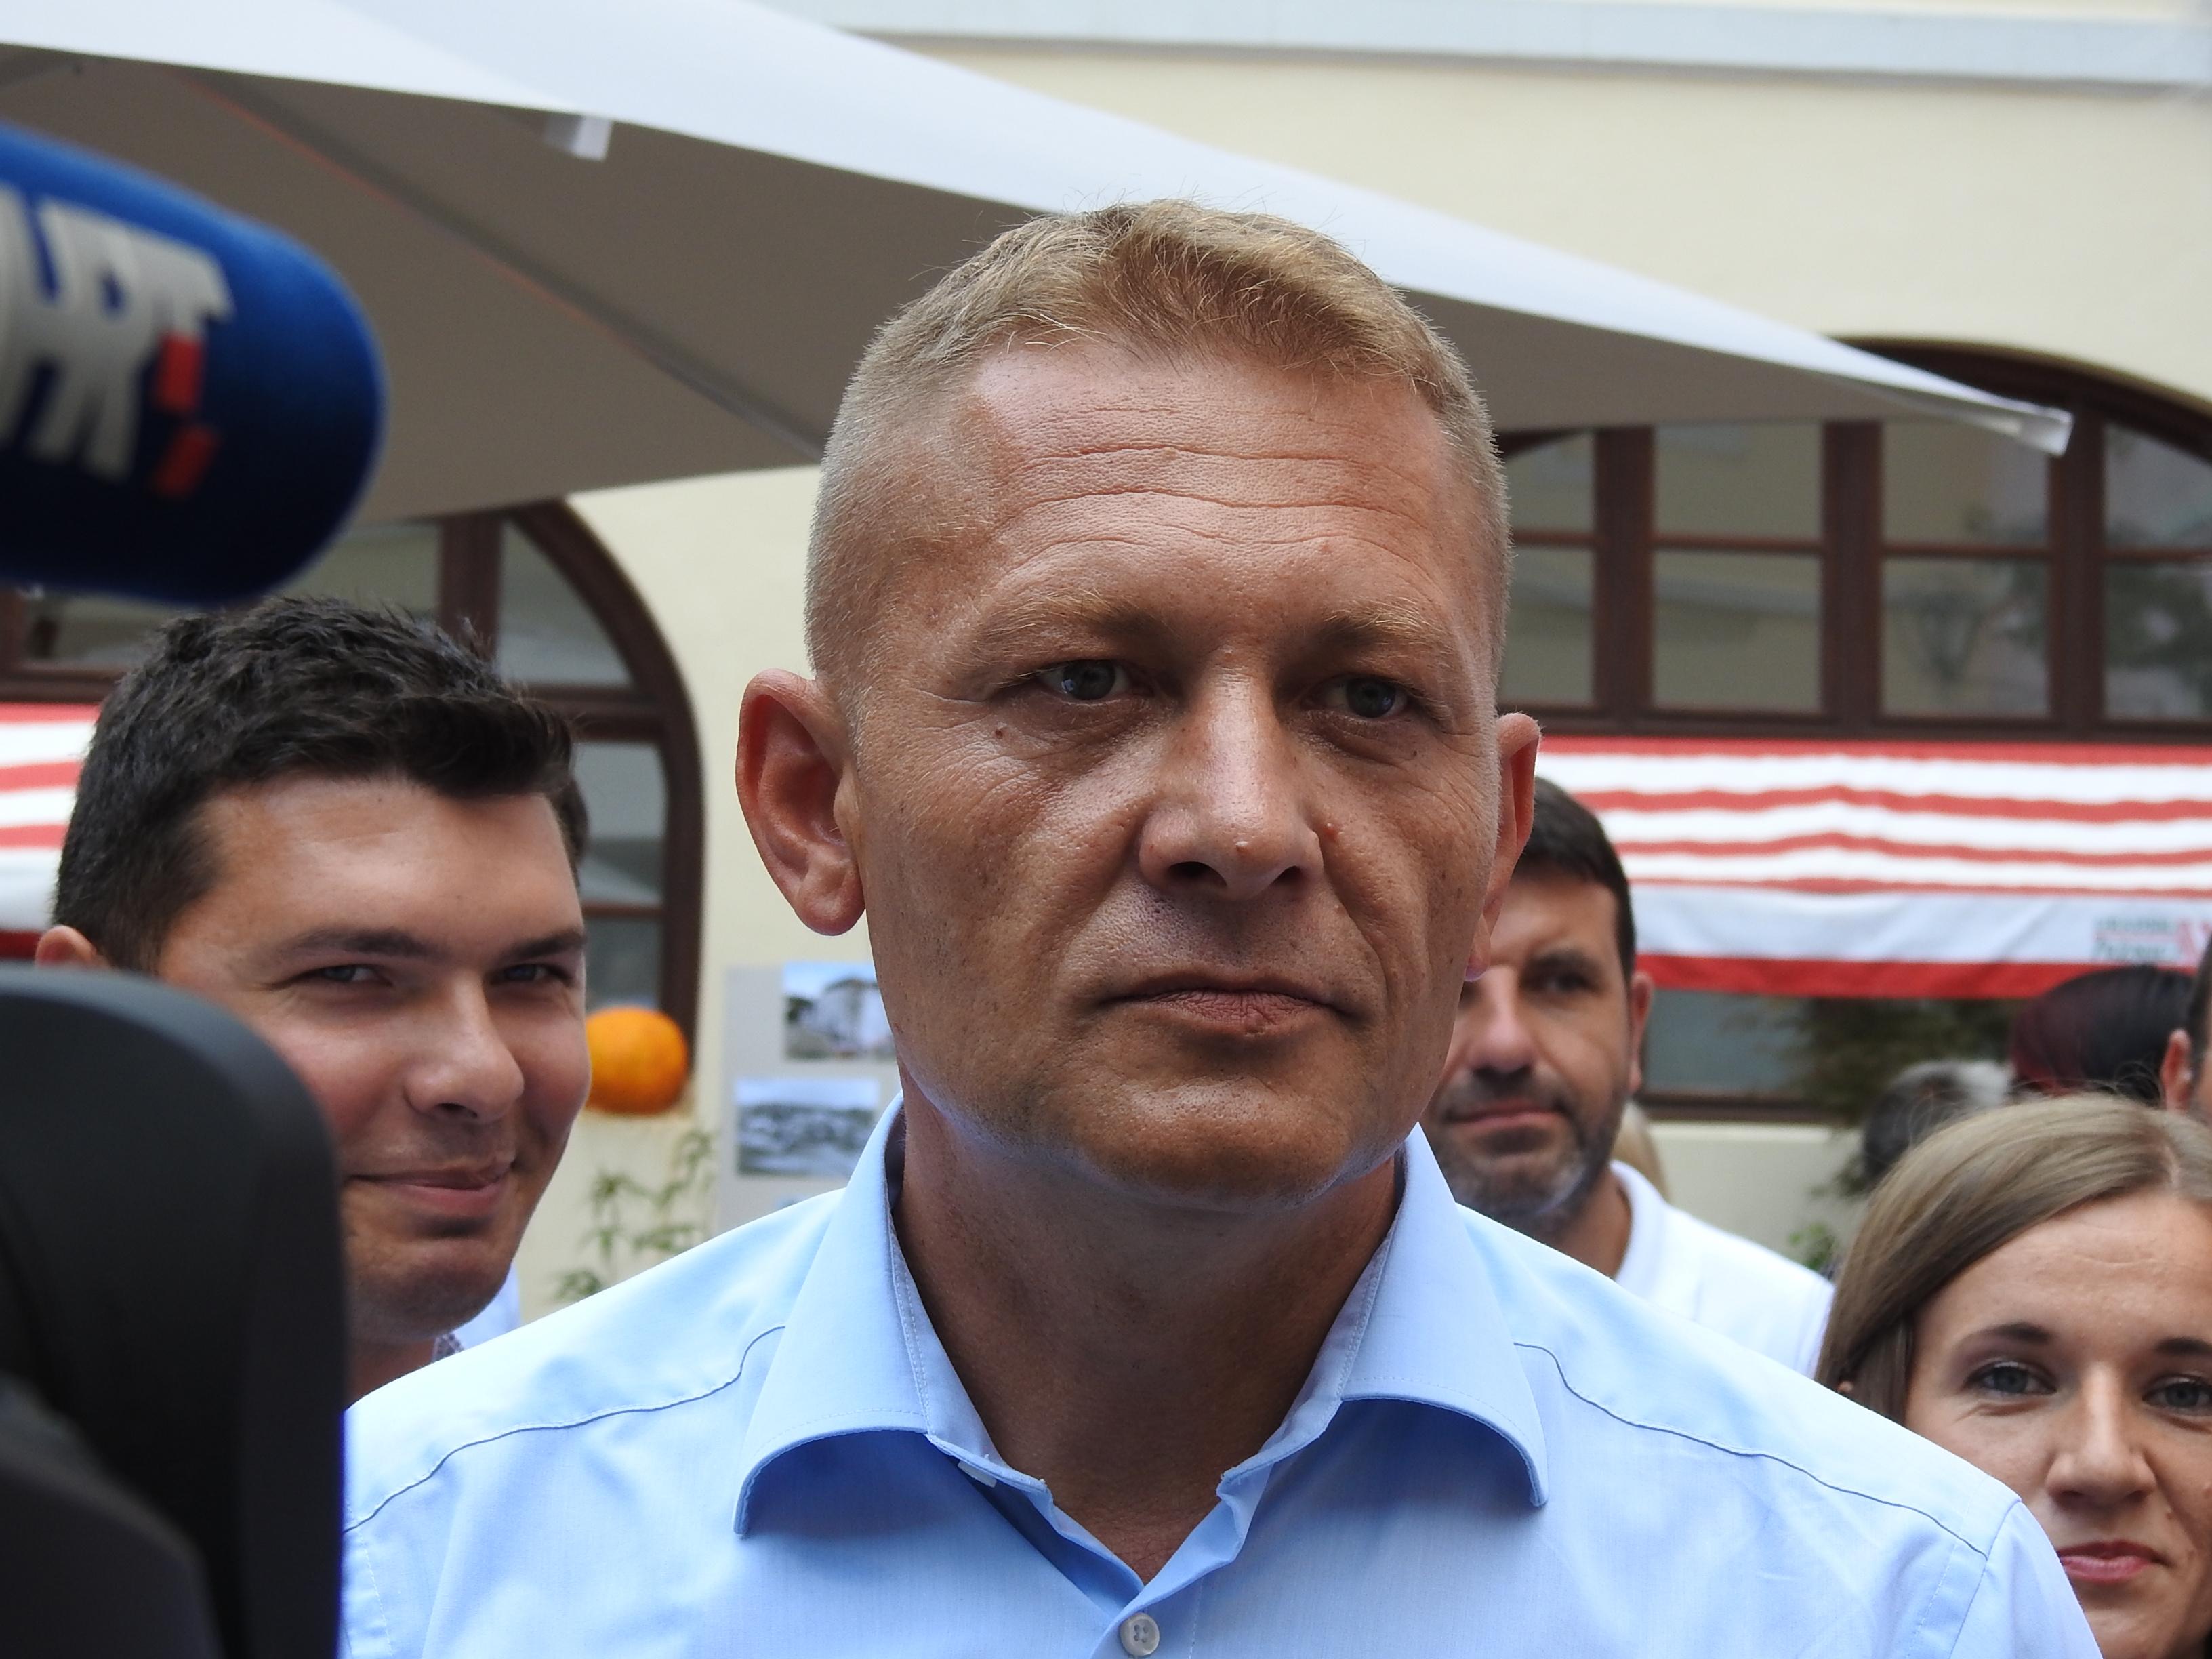 BELJAK 'Plenkoviću, ako je lex Agrokor tako dobar, primjeni ga na Uljanik'